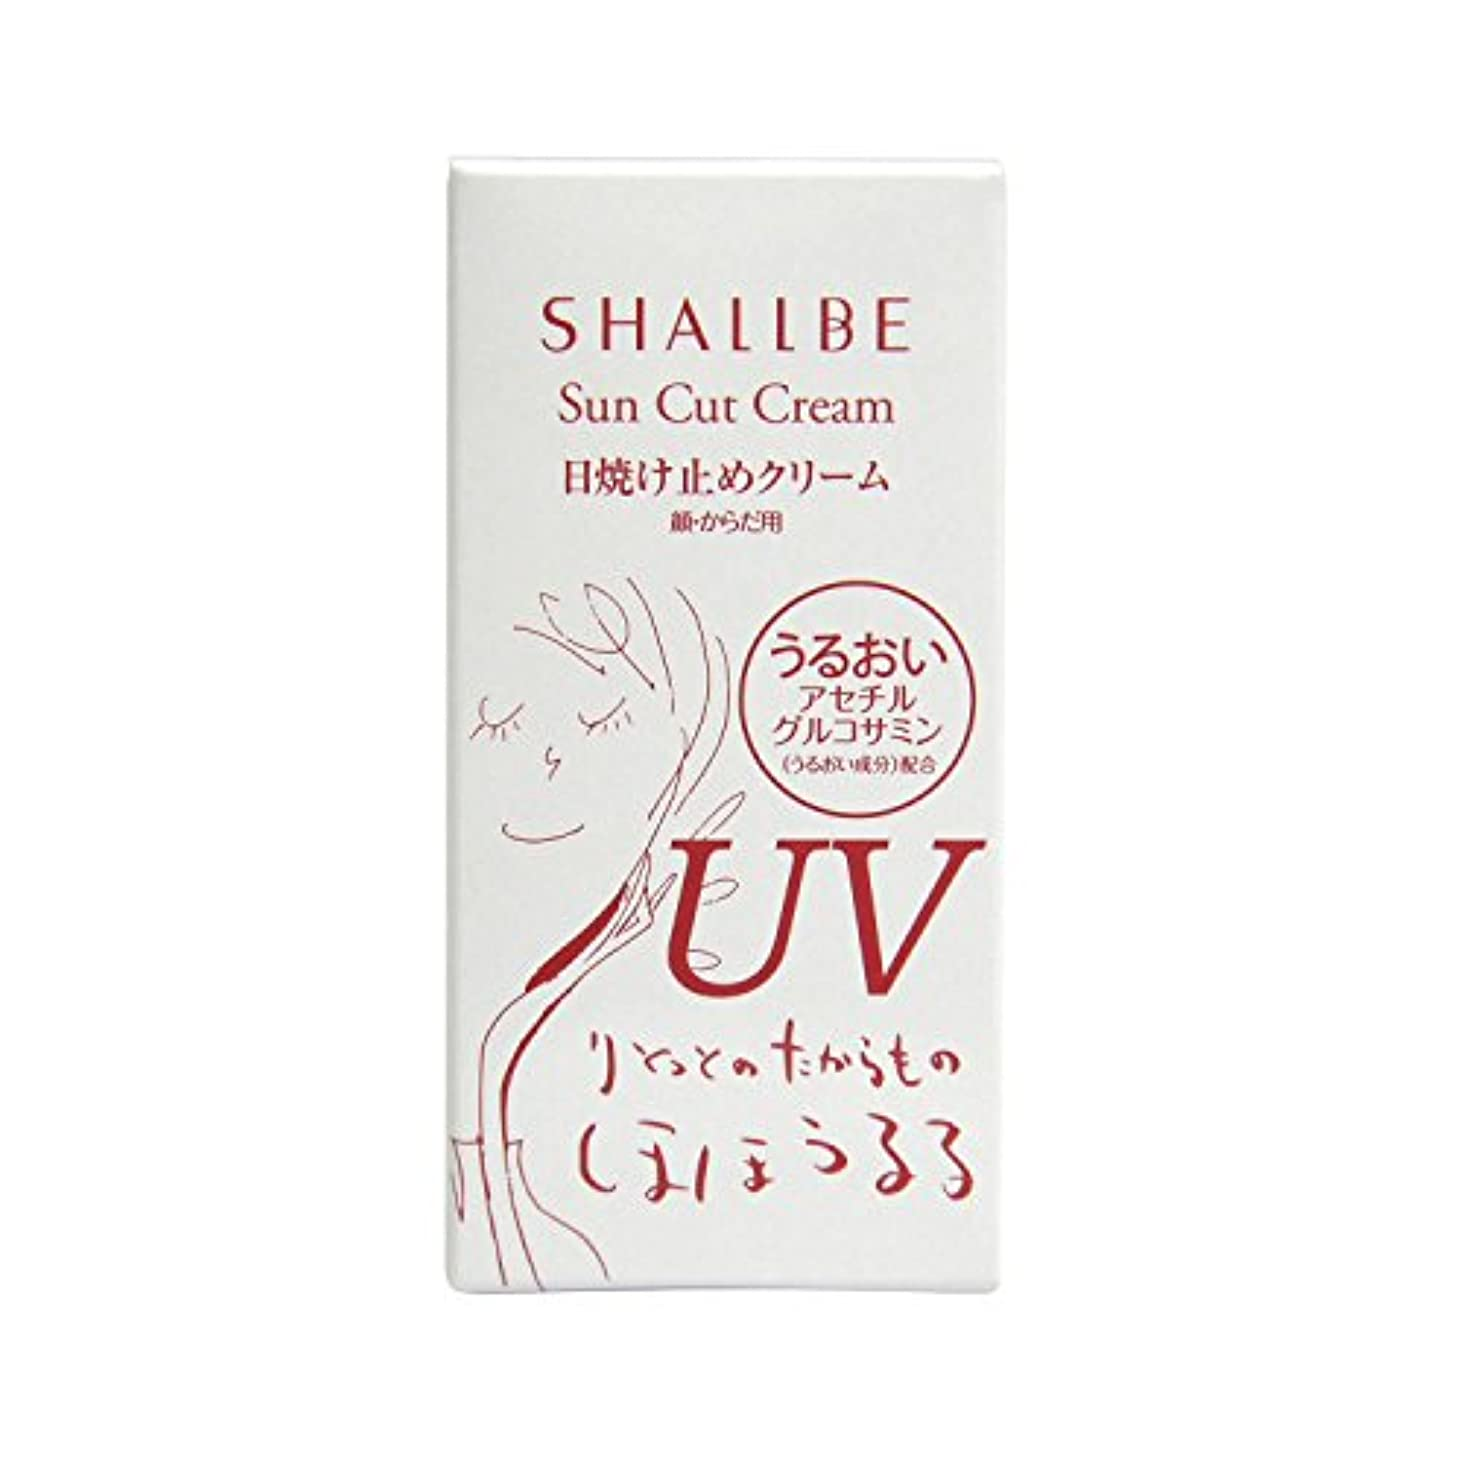 金額アルコーブ今日シャルビー りとっとのたからもの ほほうるるUVカットミルク30g